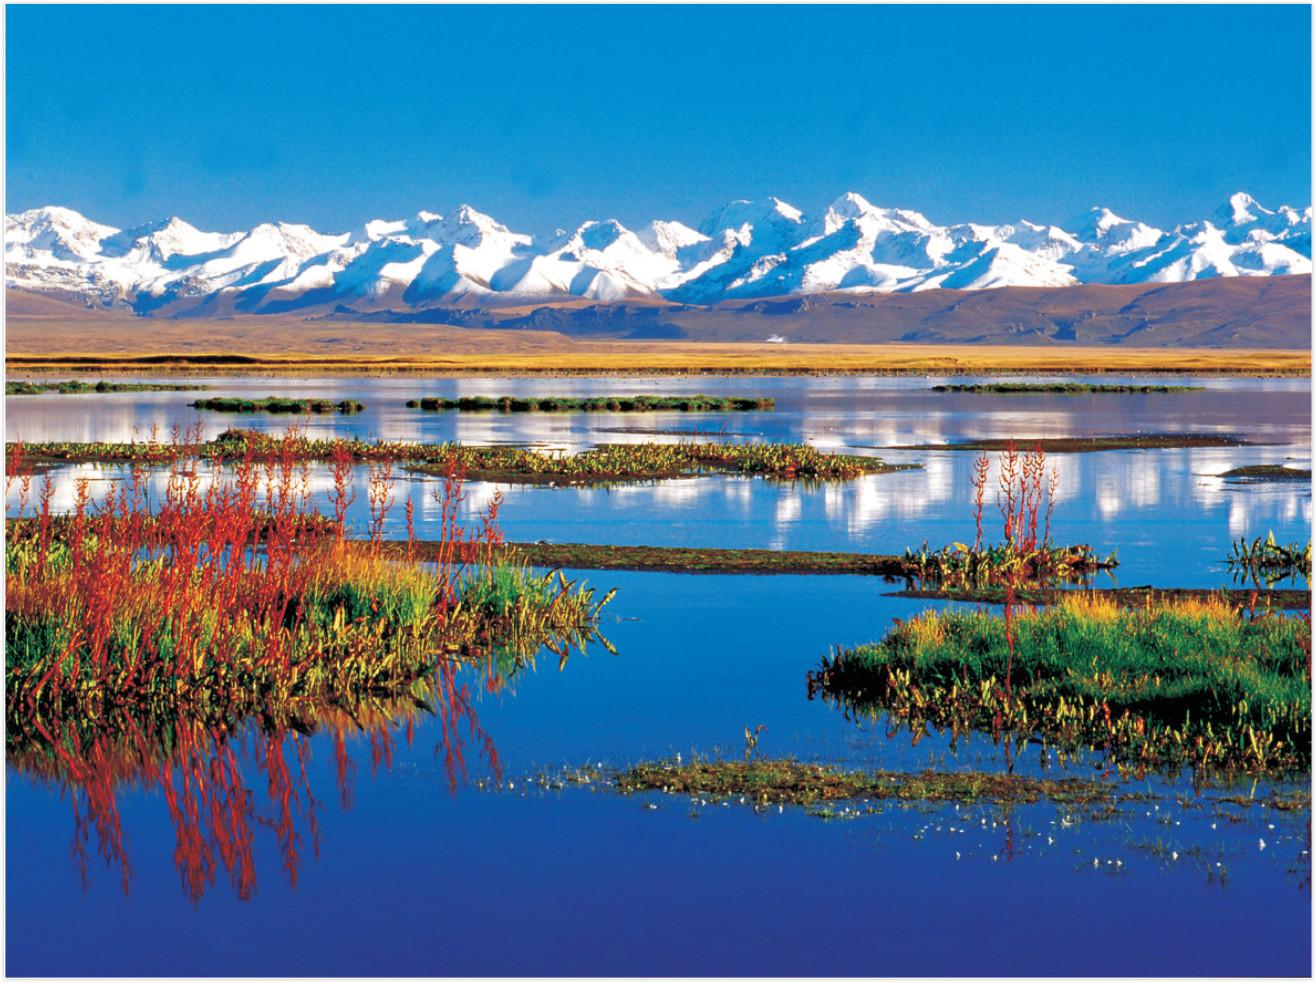 新疆:边疆兴建设  辉煌耀天山